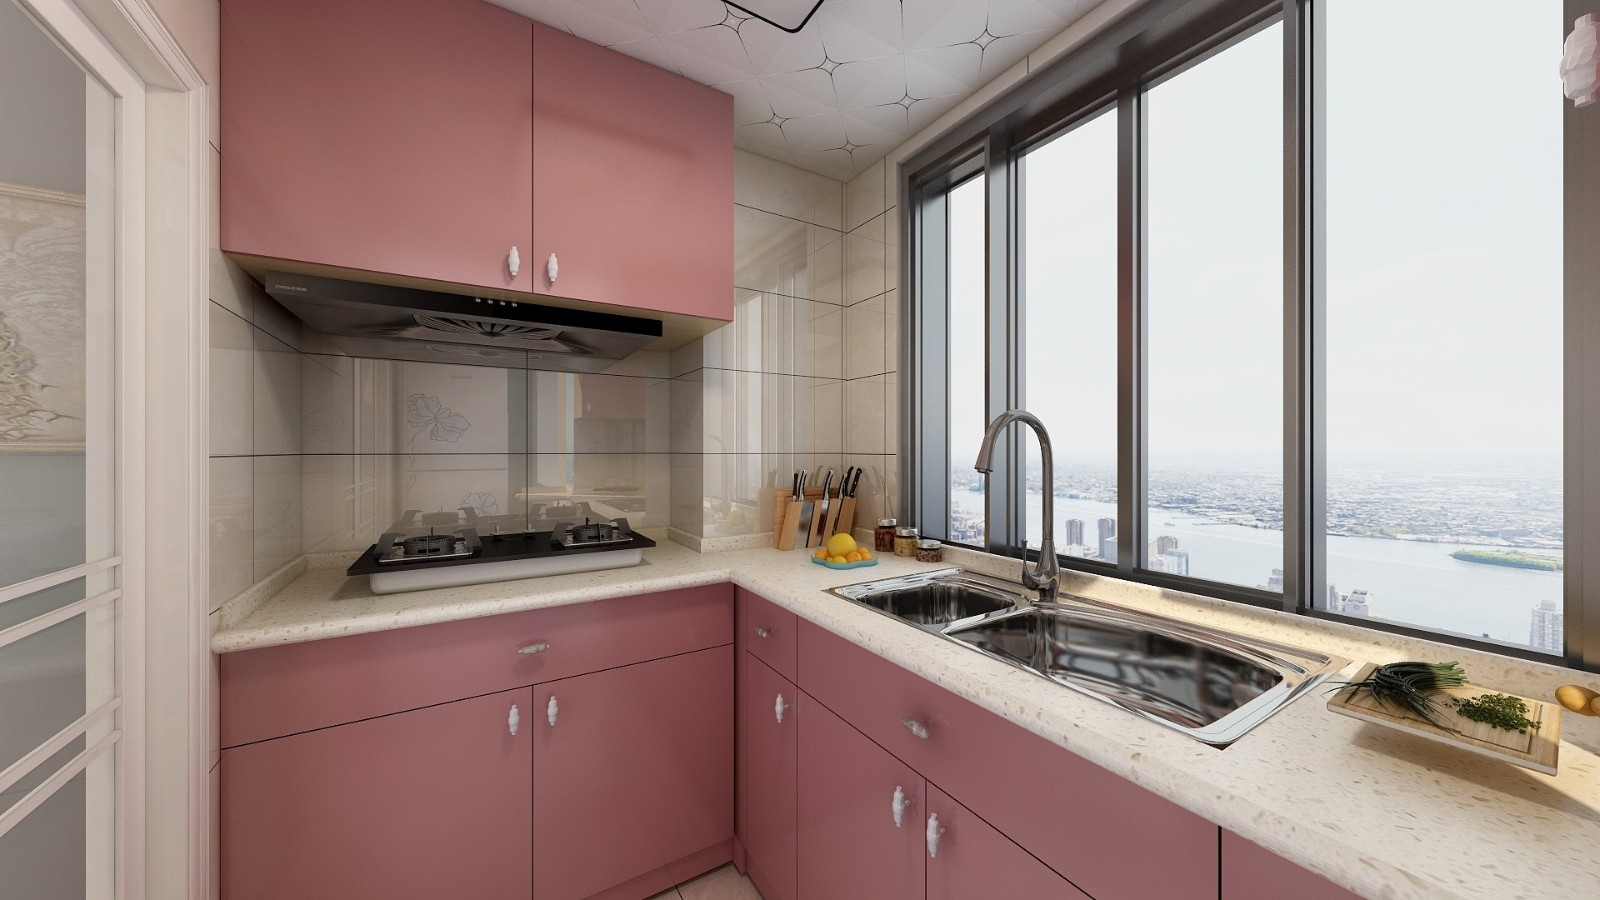 2020簡歐廚房裝修圖 2020簡歐灶臺裝修圖片